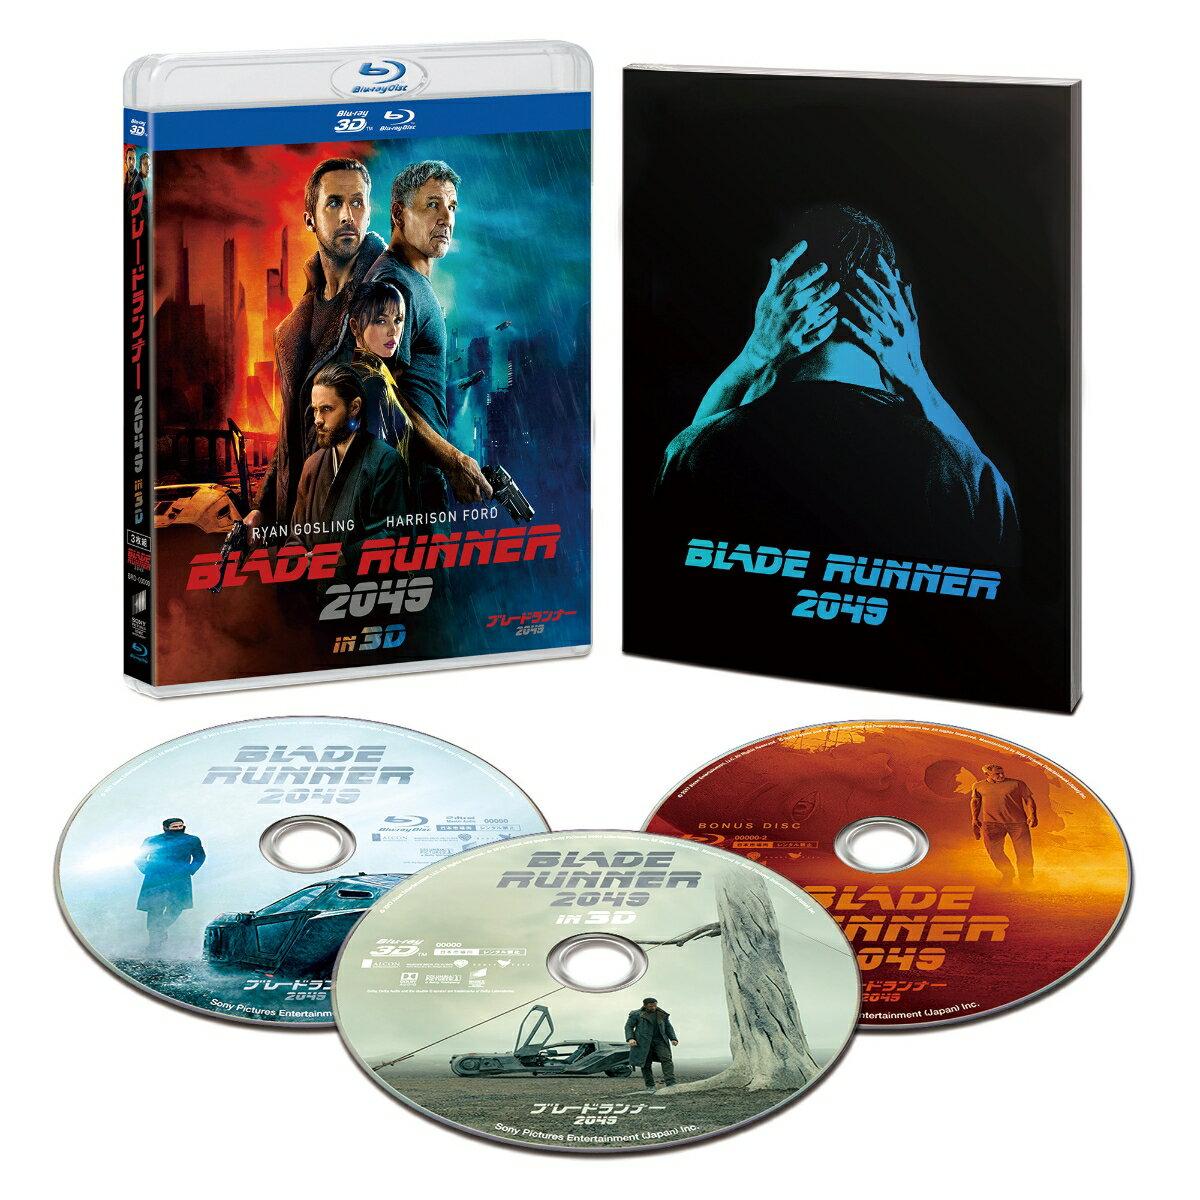 ブレードランナー 2049 IN 3D(初回生産限定)【Blu-ray】 [ ライアン・ゴズリング ]